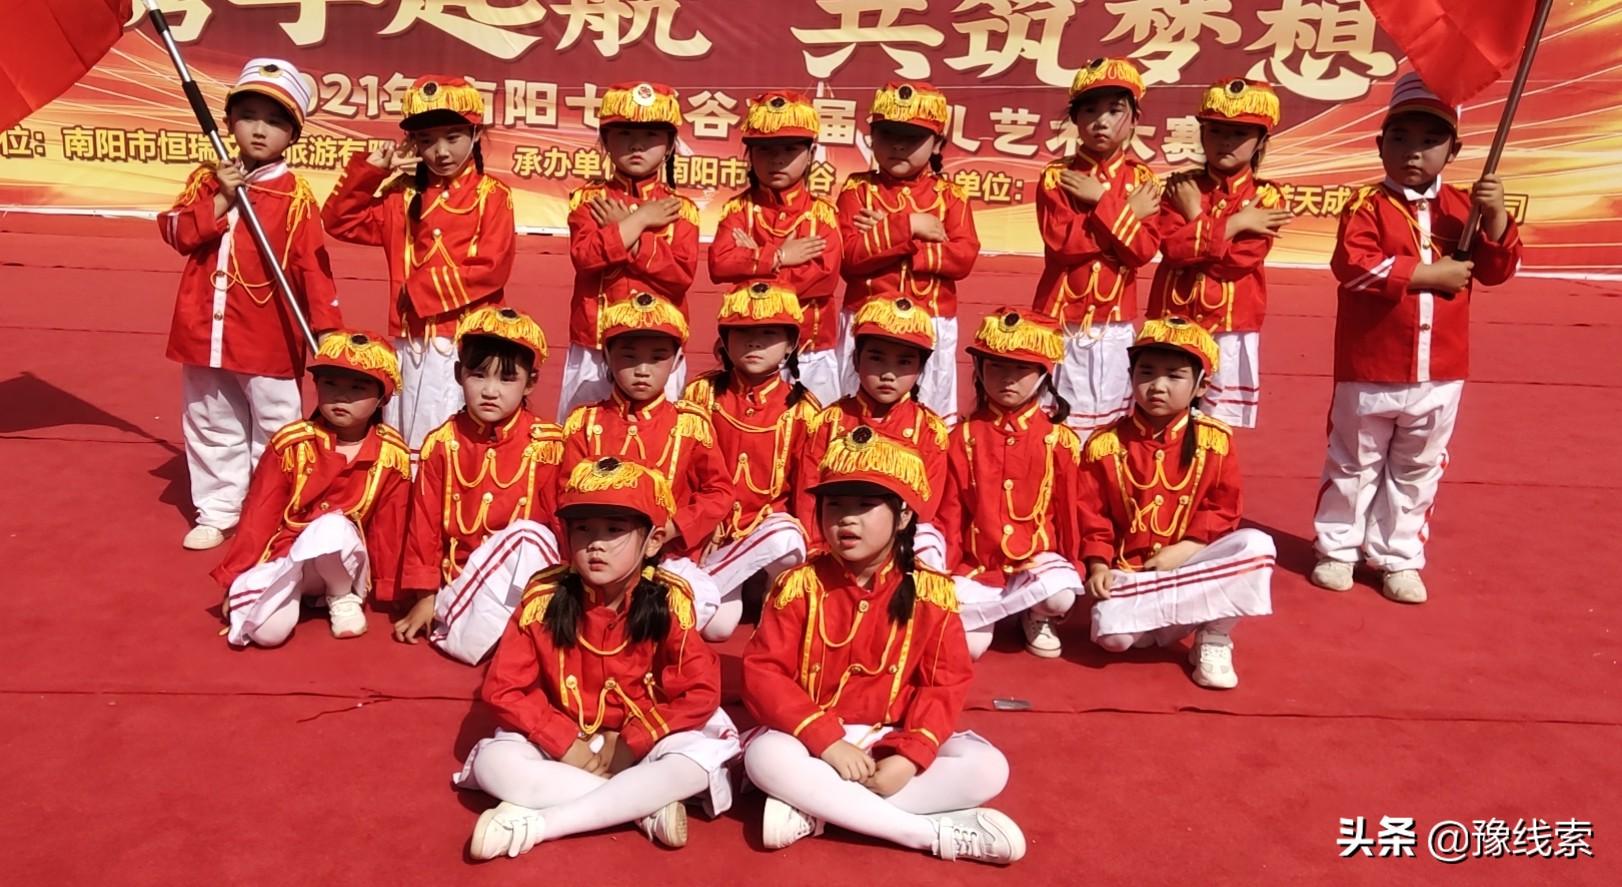 2021年河南南阳七彩谷首届少儿艺术大赛成功举办